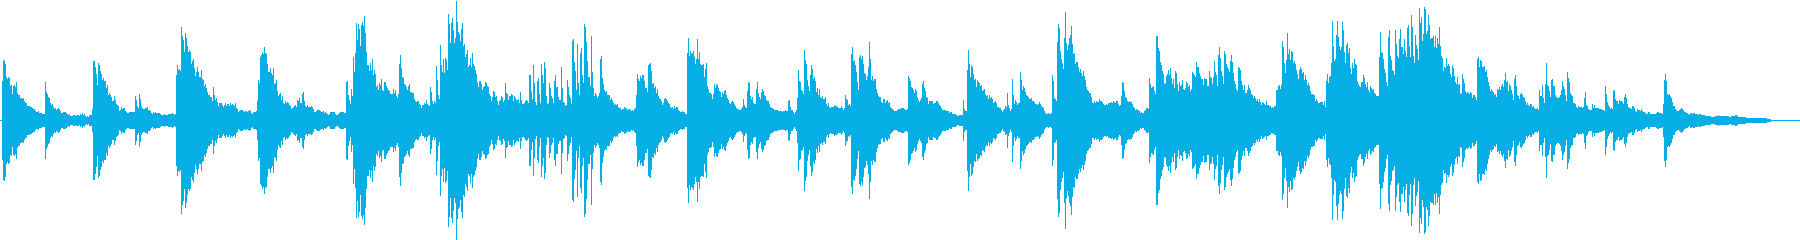 ヒーリングピアノ組曲 まどろみ 5の再生済みの波形